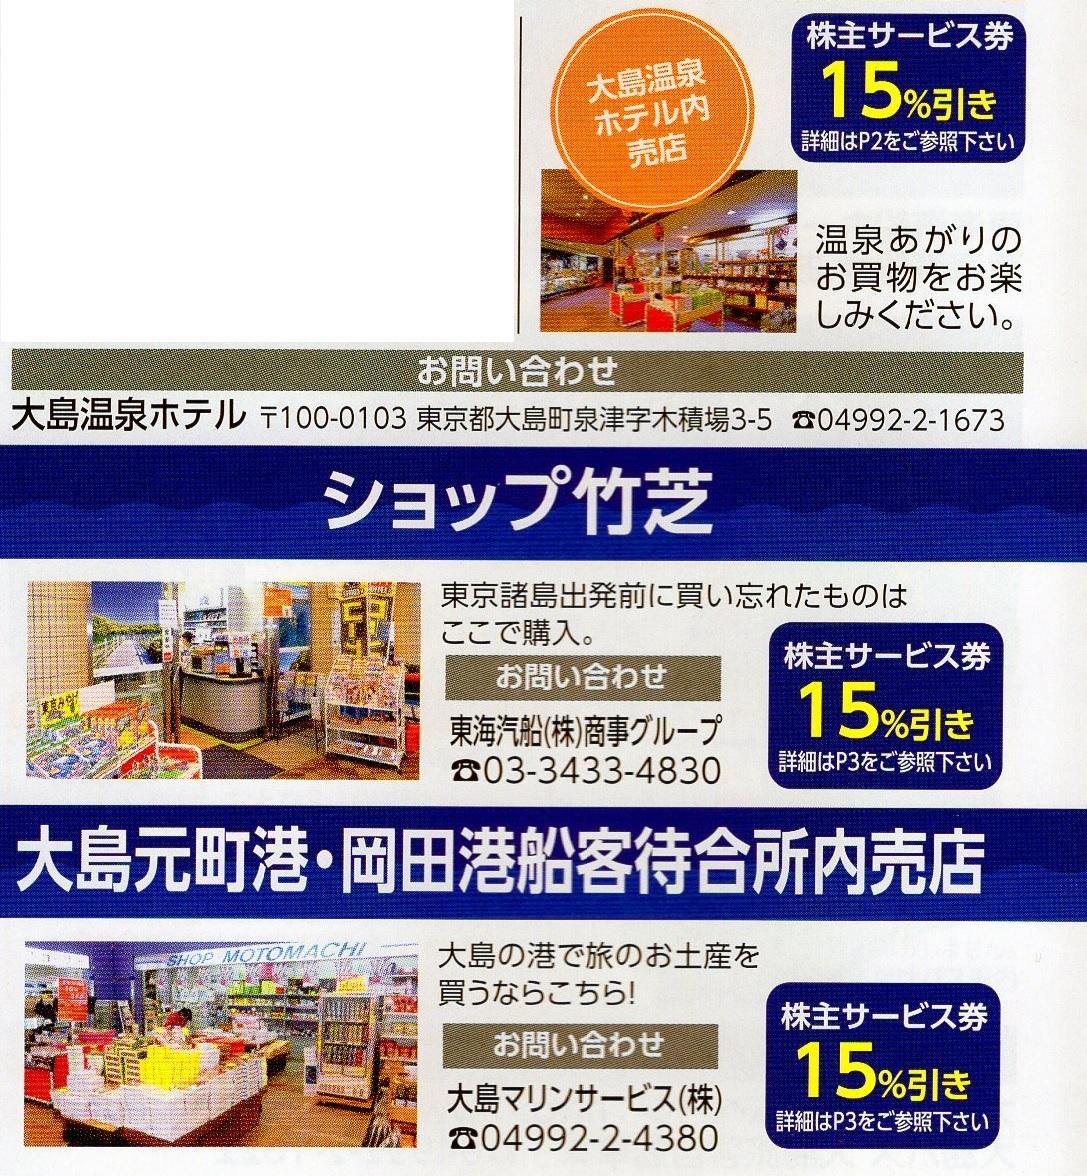 【送料63円】東海汽船 株主優待 グループショップ・売店 15%割引券_画像1